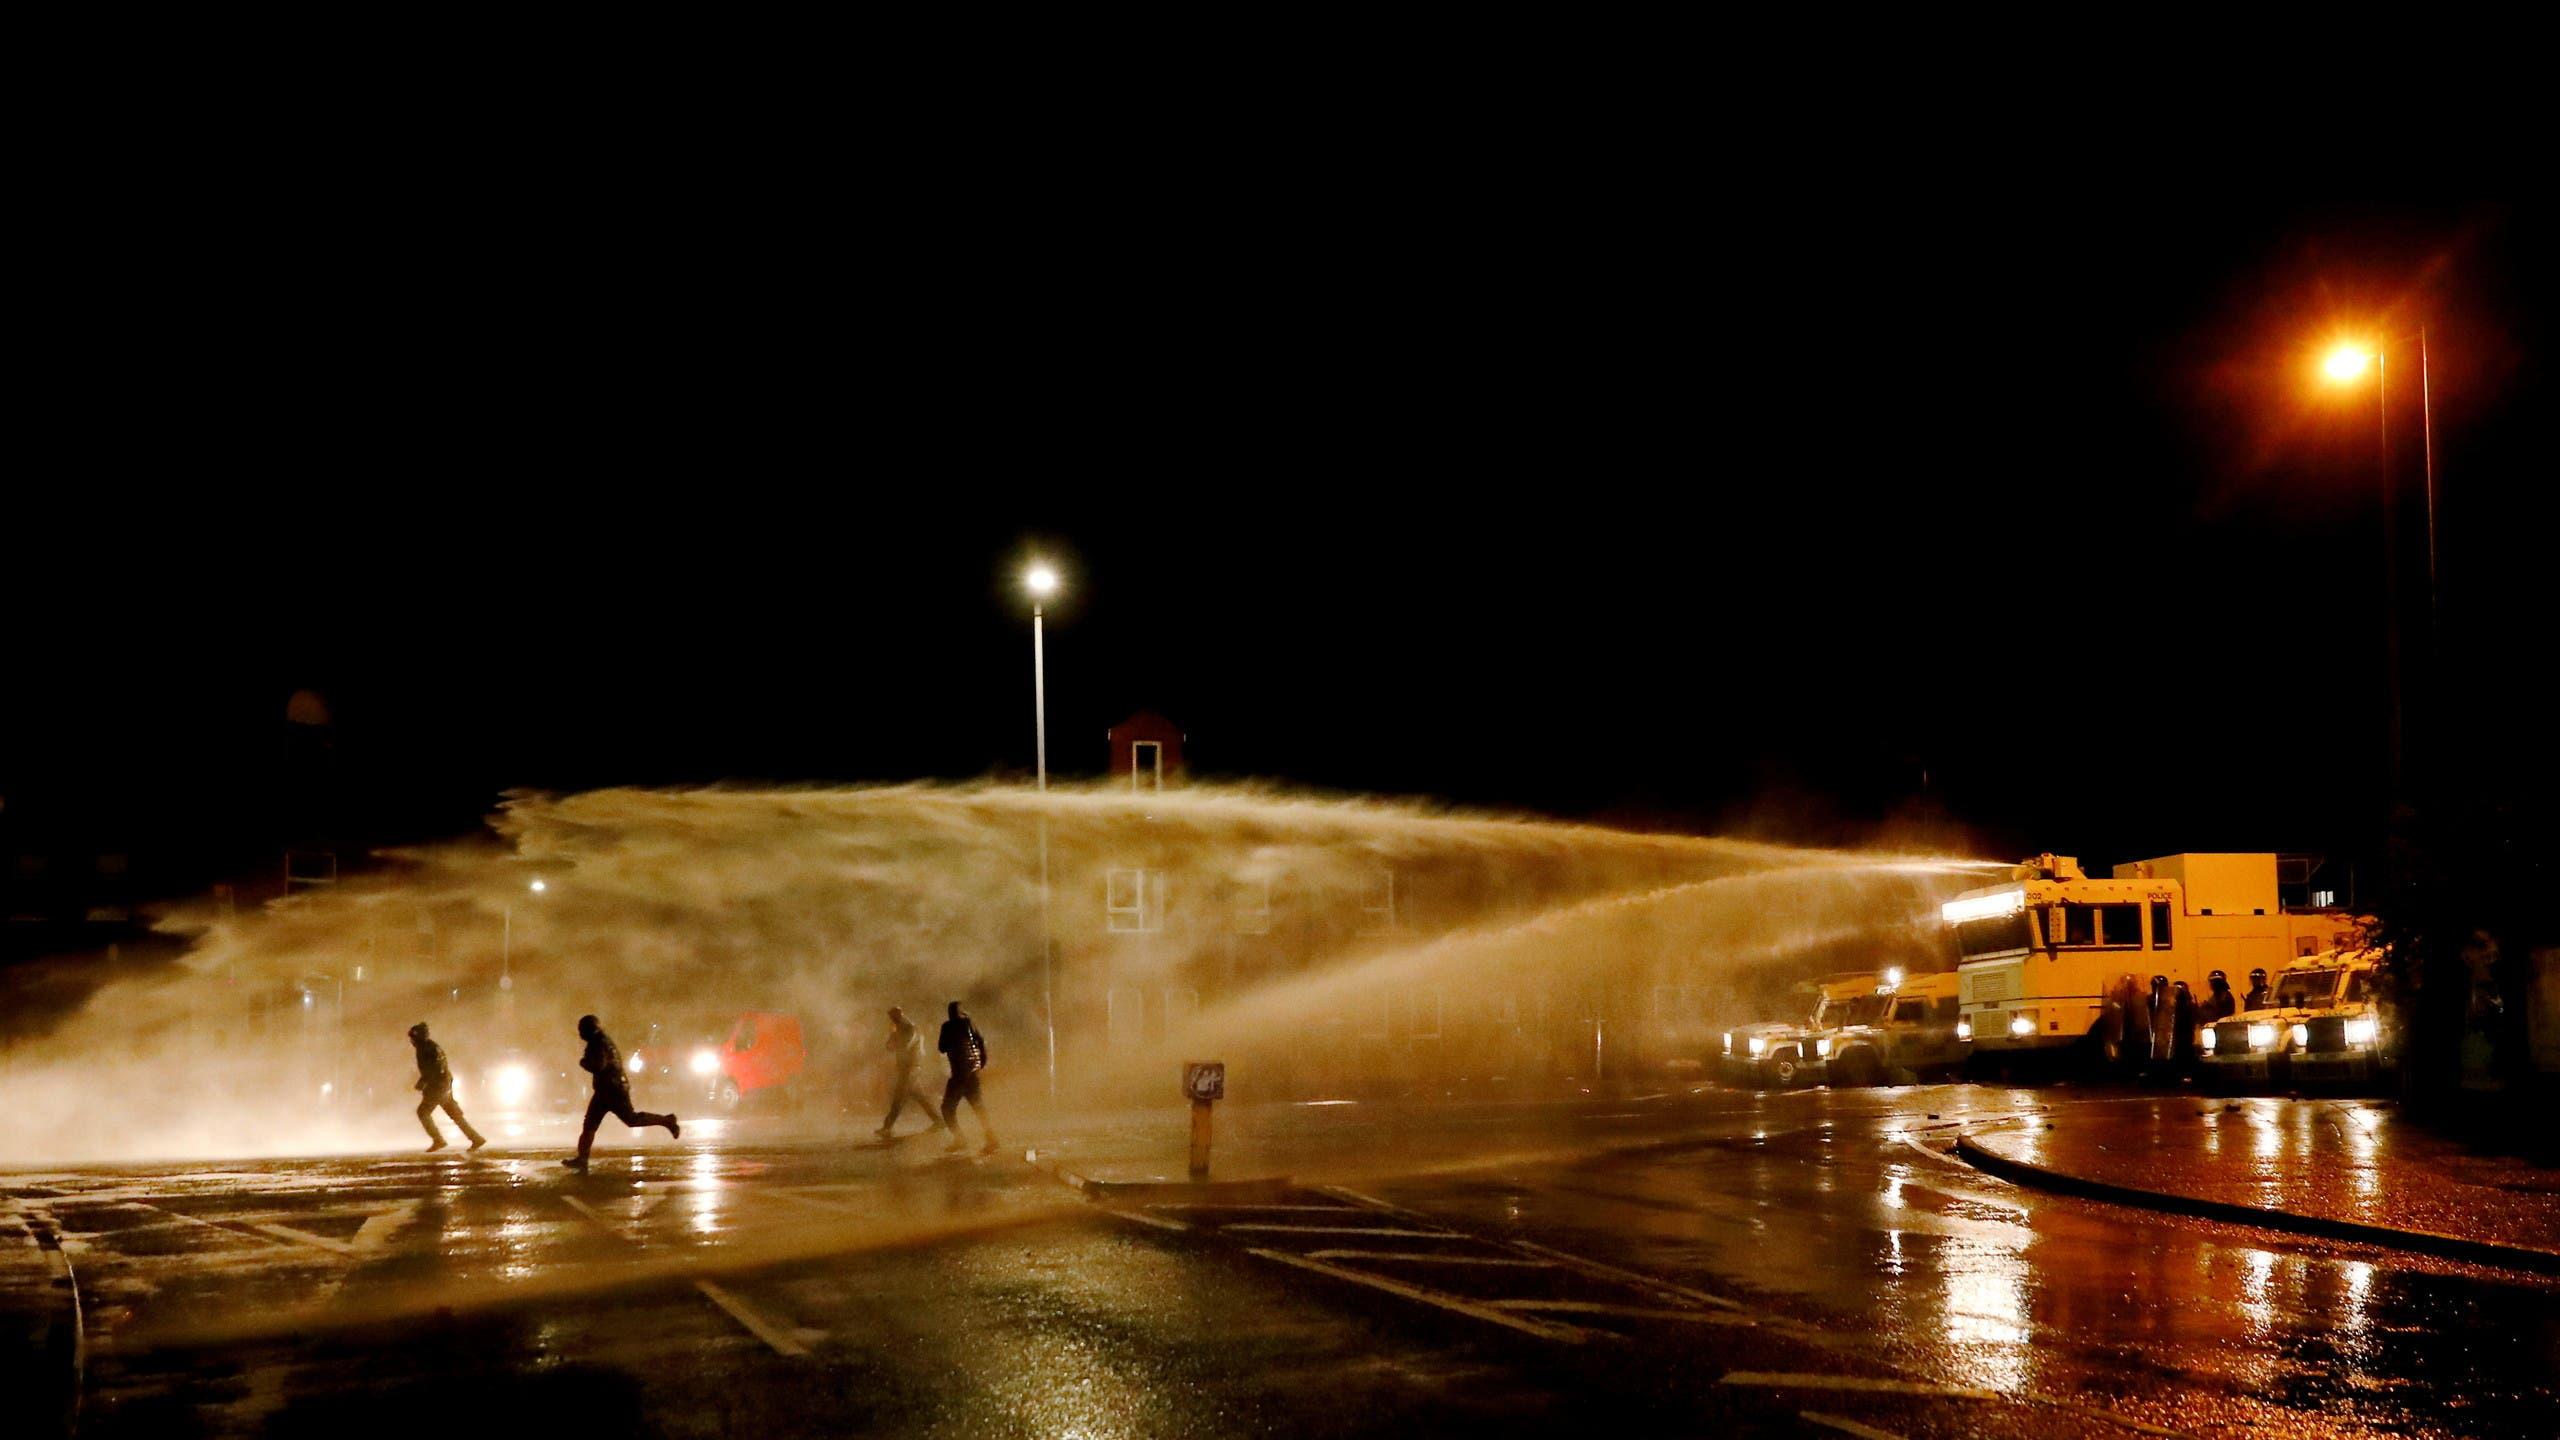 الشرطة تستخدم خراطيم المياه لصد المشاغبين